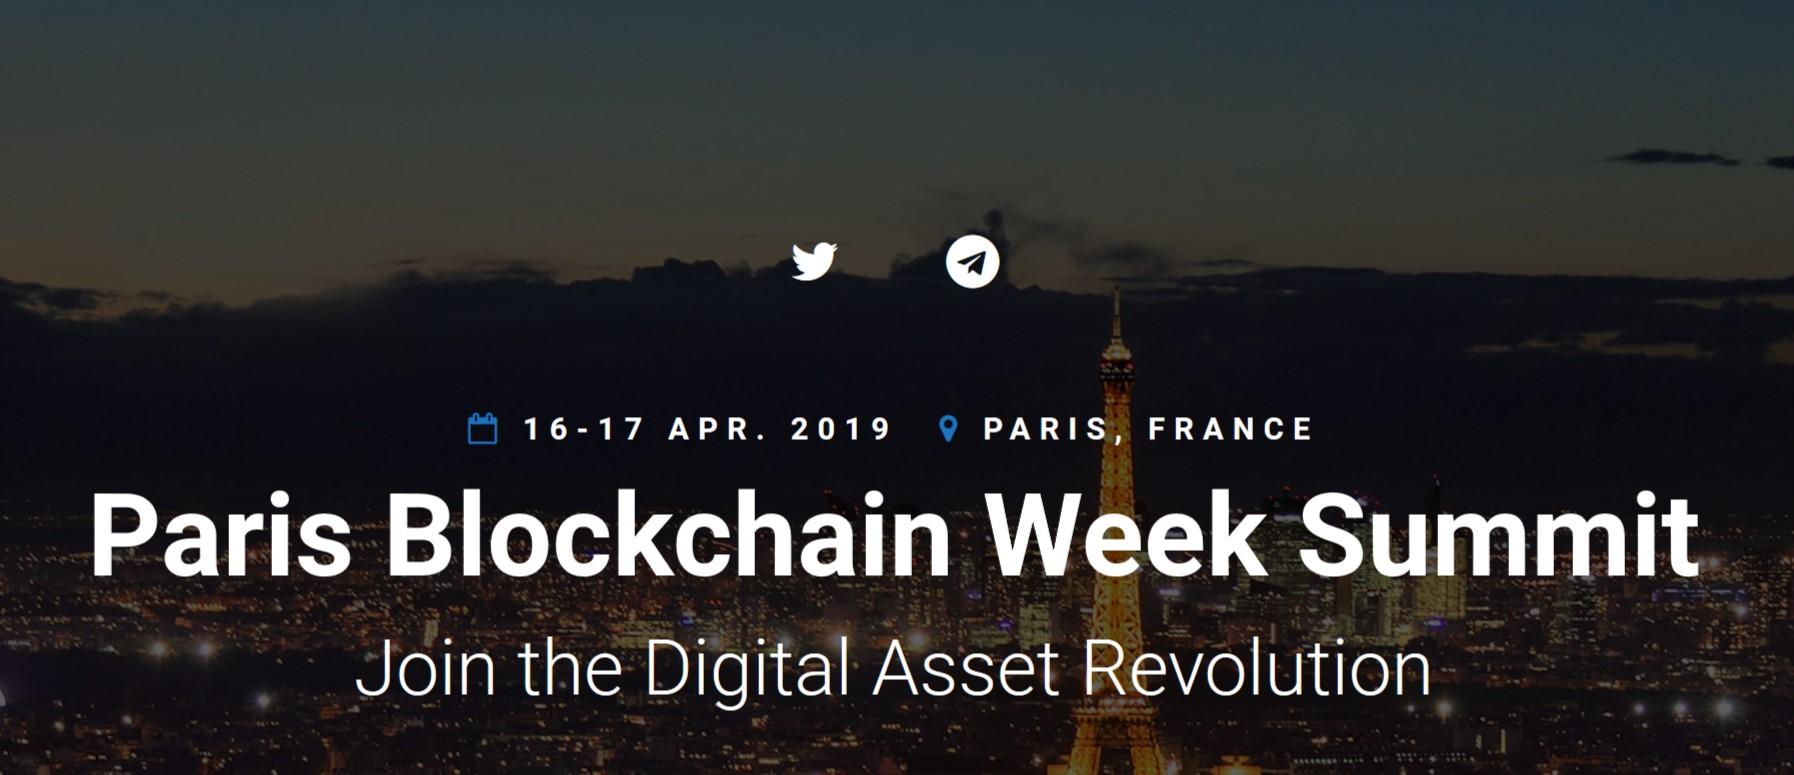 Paris Blockchain Week Summit